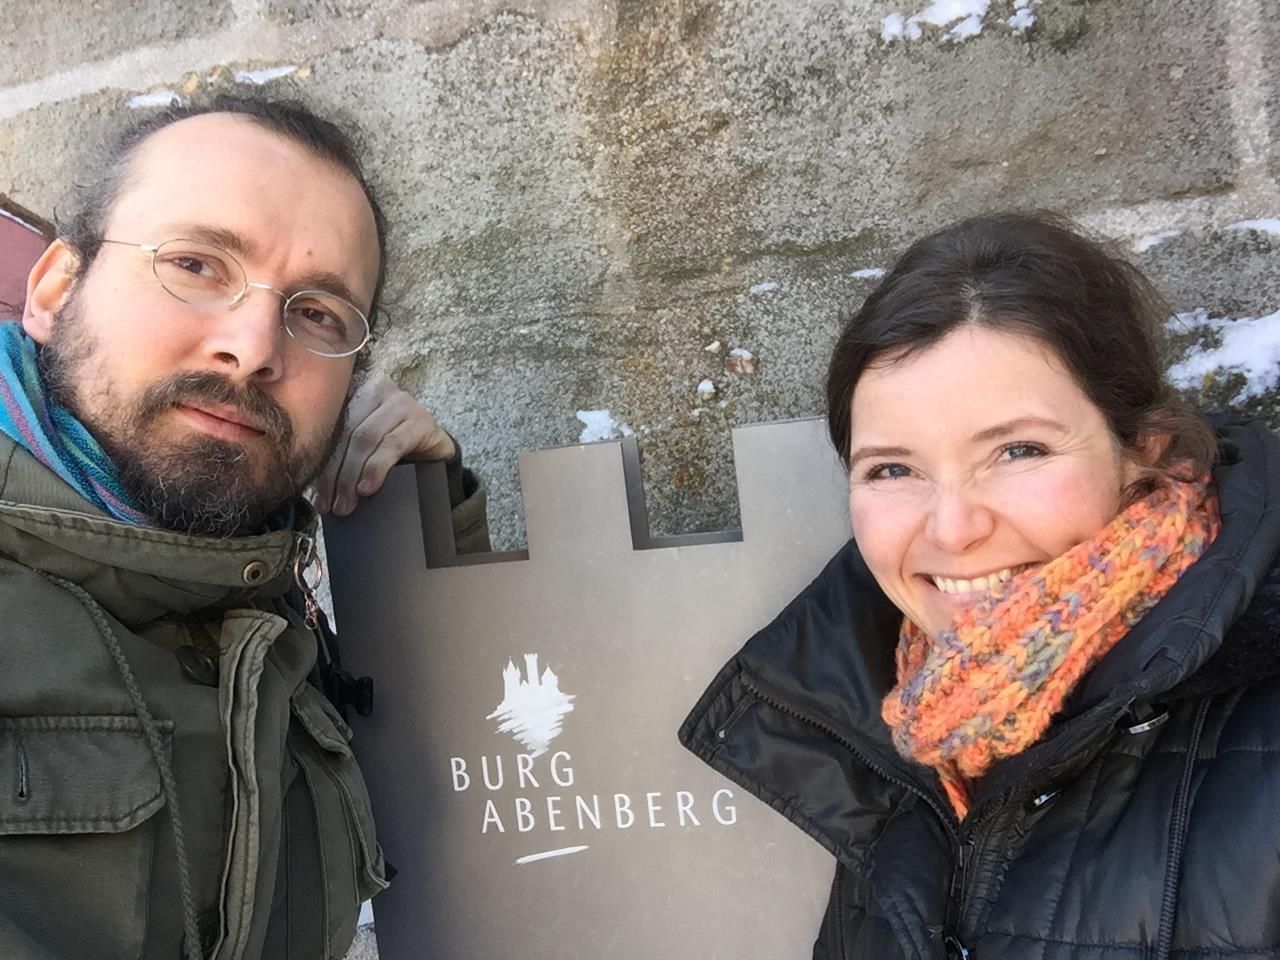 Lisa Hübner und Michael Kirschner entwickeln partizipative Ausstellungen, aktuell rund um das Feuertanz-Festival auf Burg Abenberg.